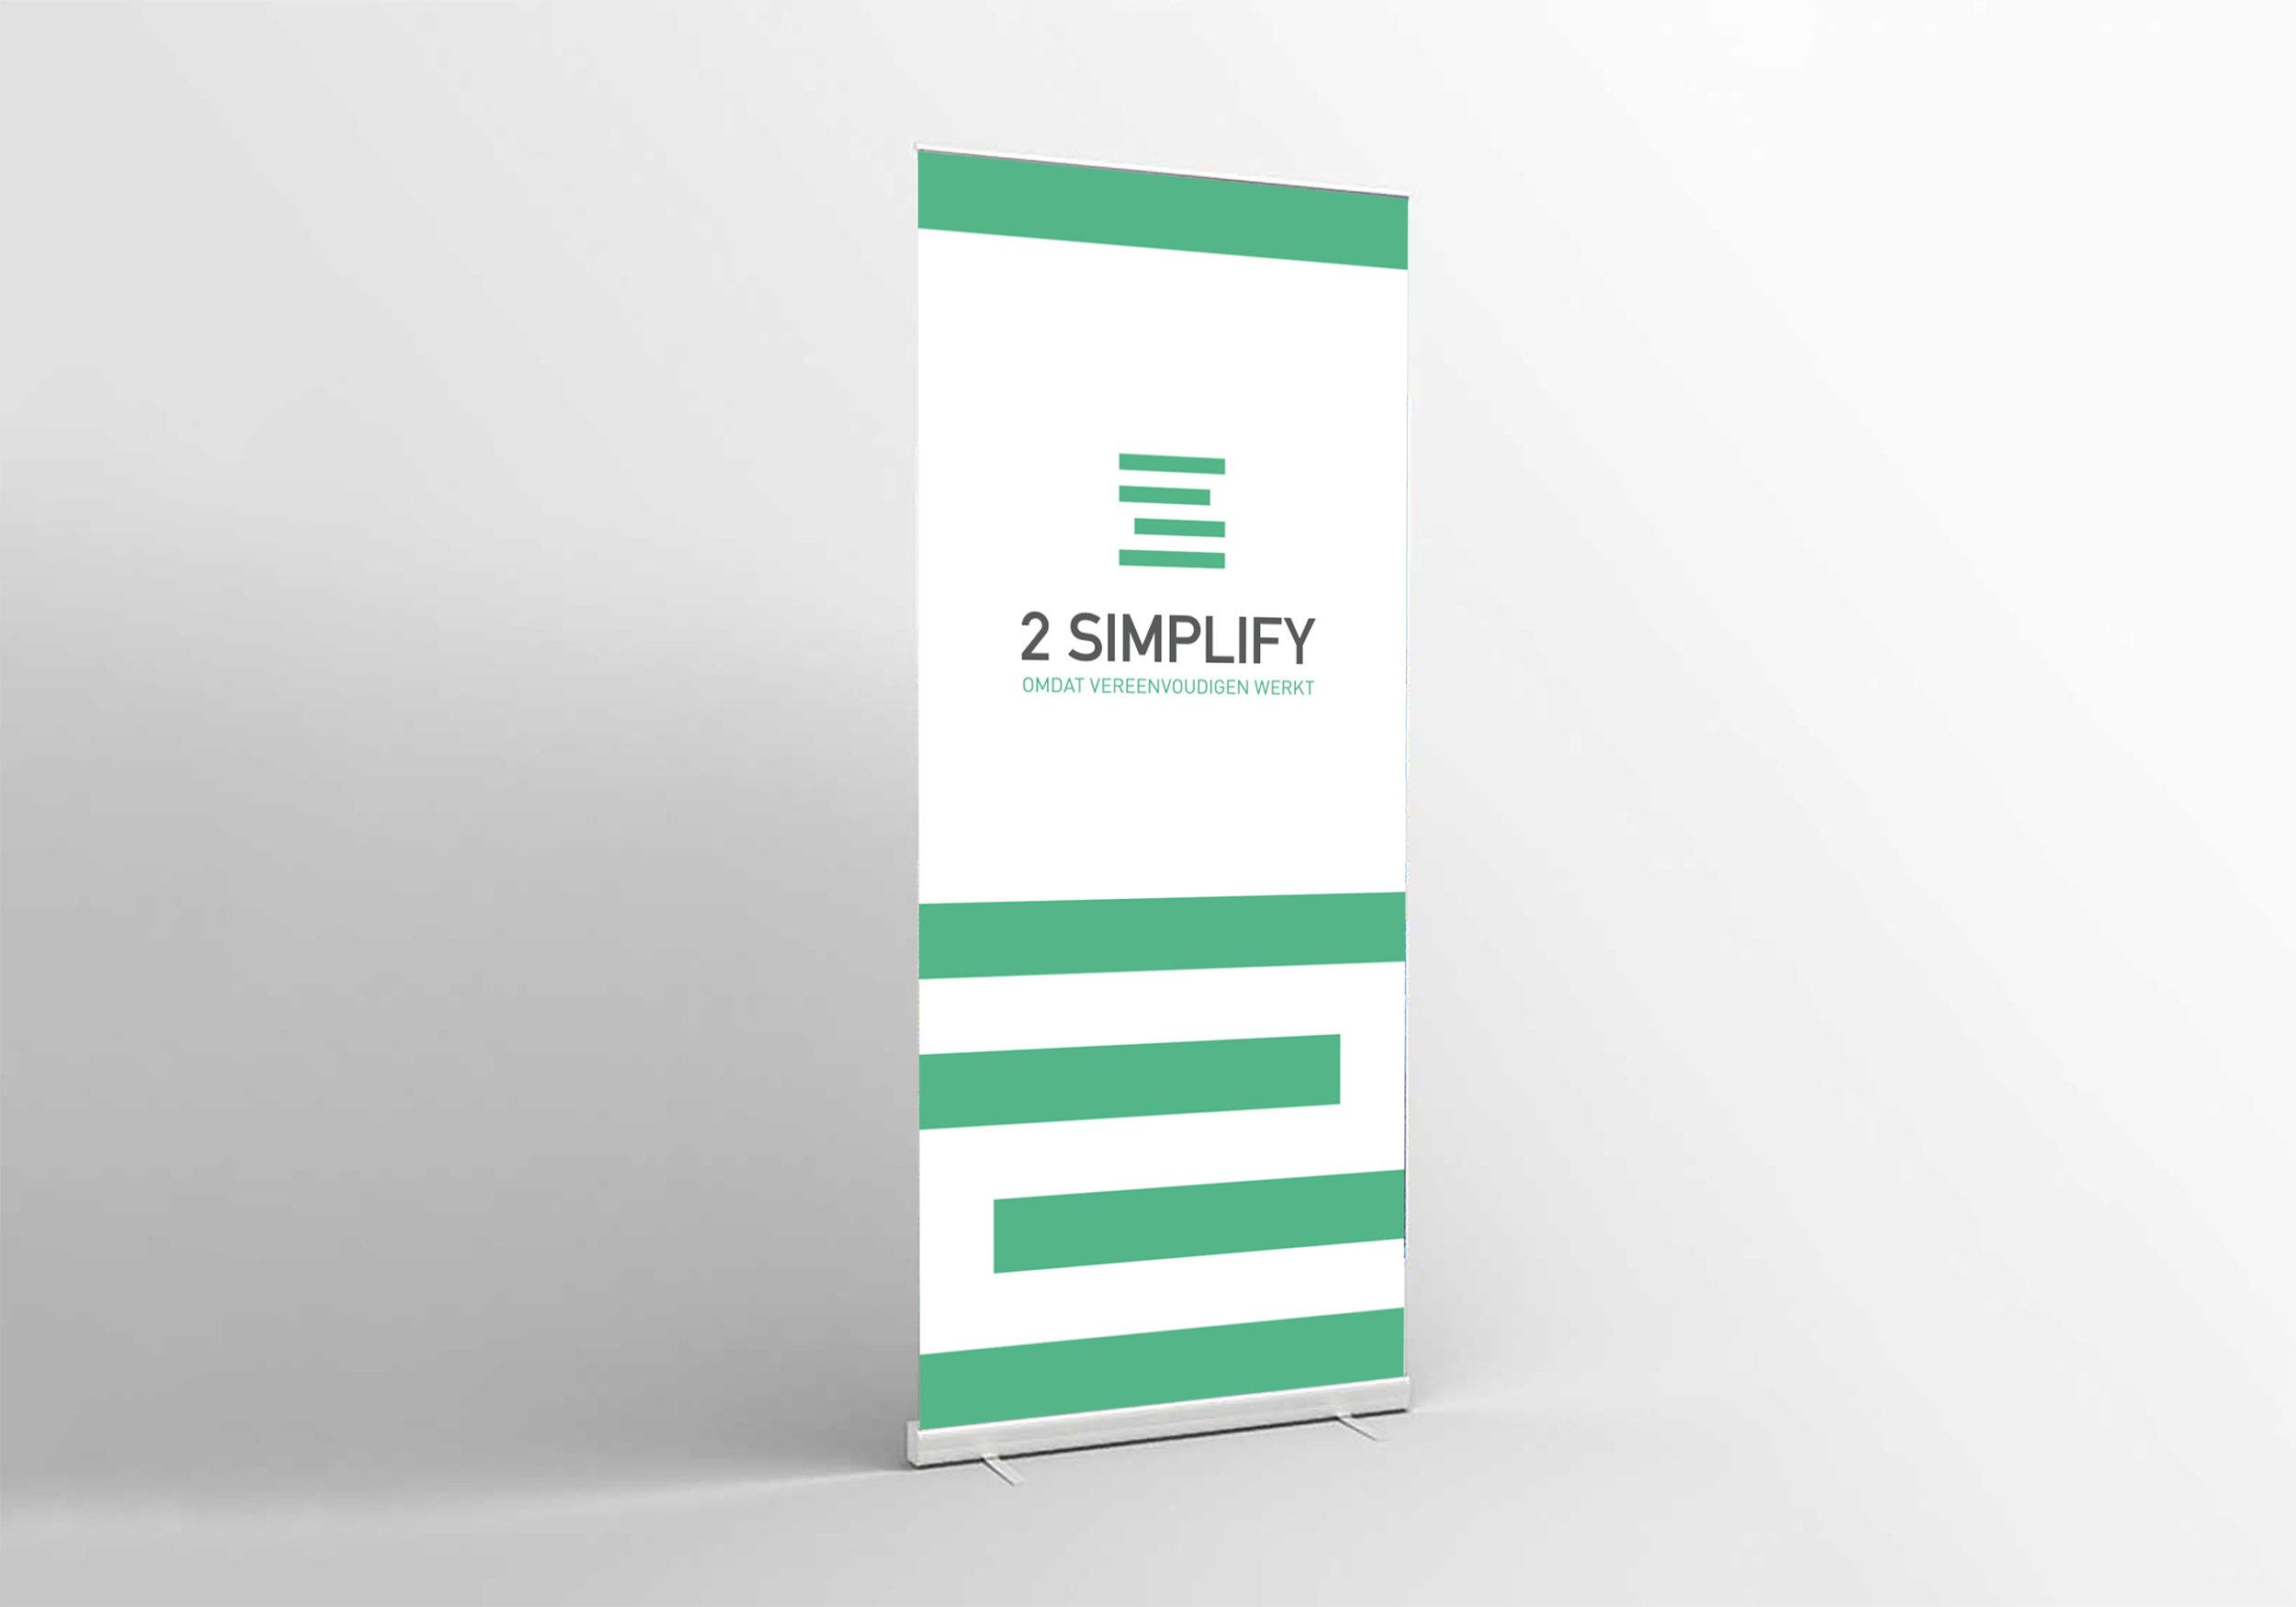 rollup-2simplify.jpg